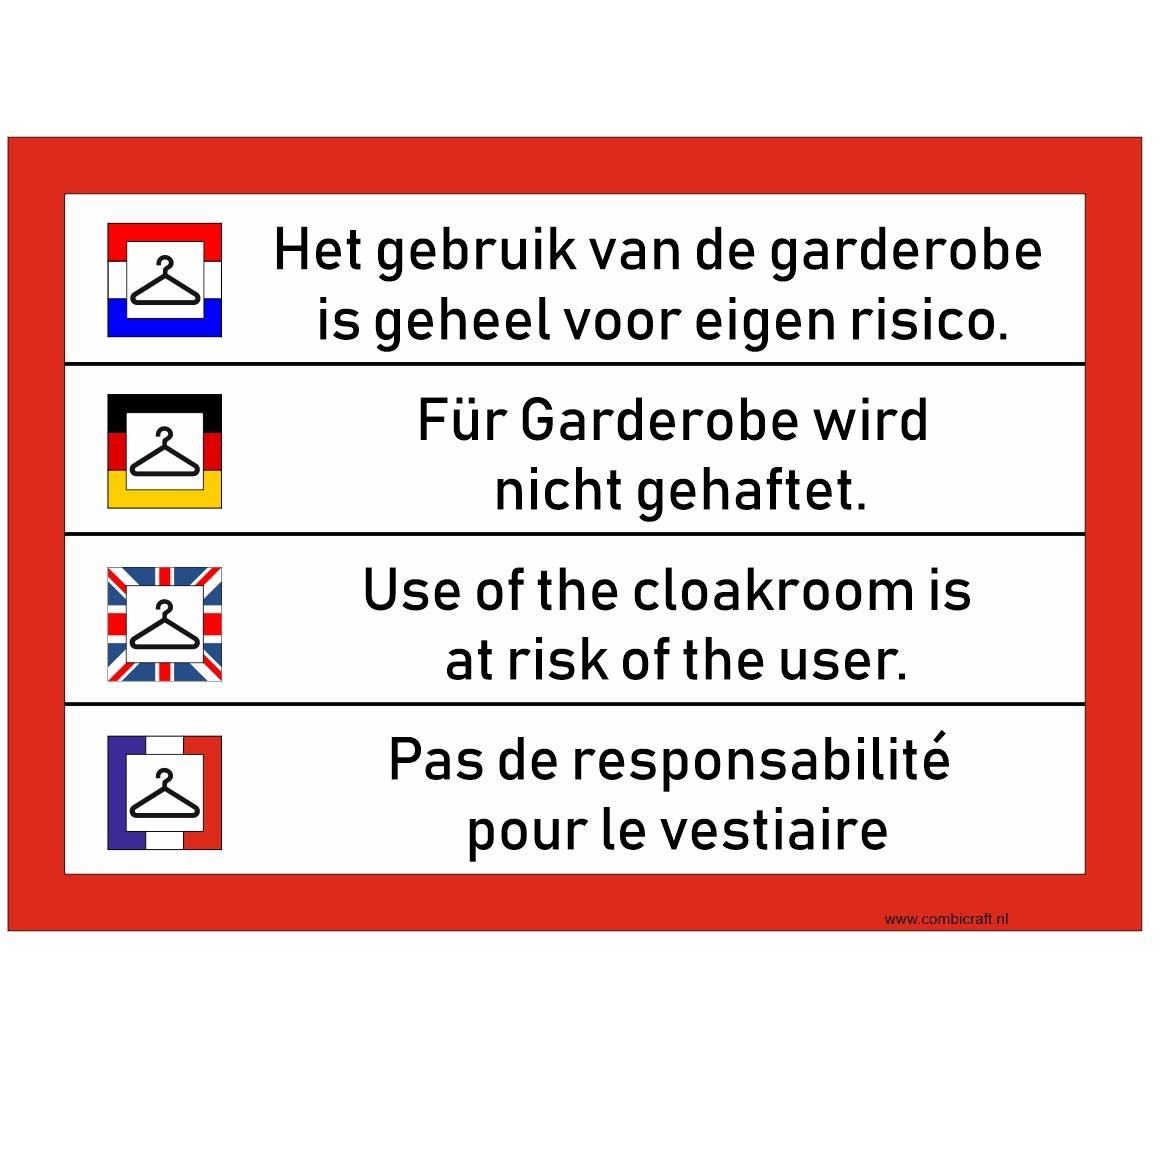 CombiCraft Garderobe is voor eigen risico bordje in 4 talen